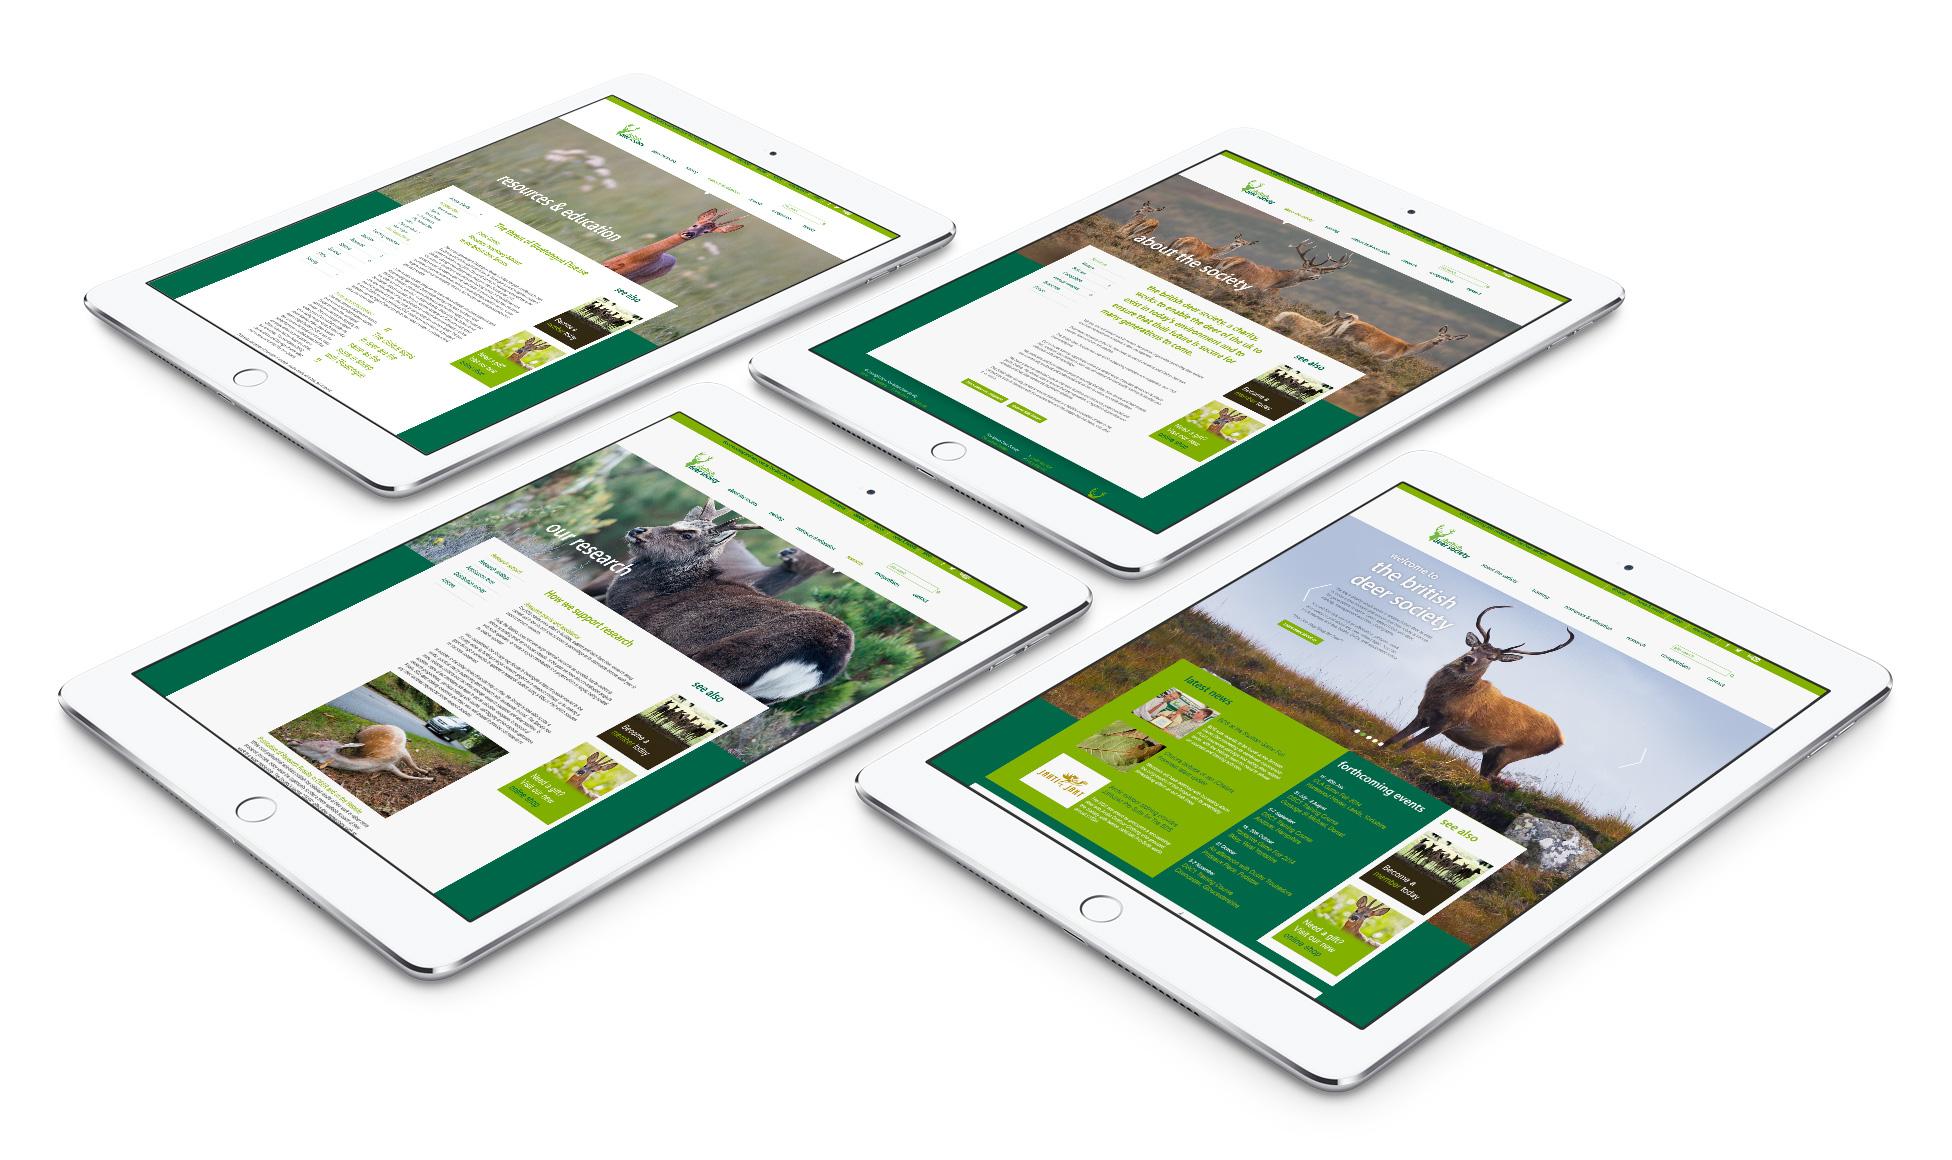 picture_BritishDeerSociety_iPadsx4